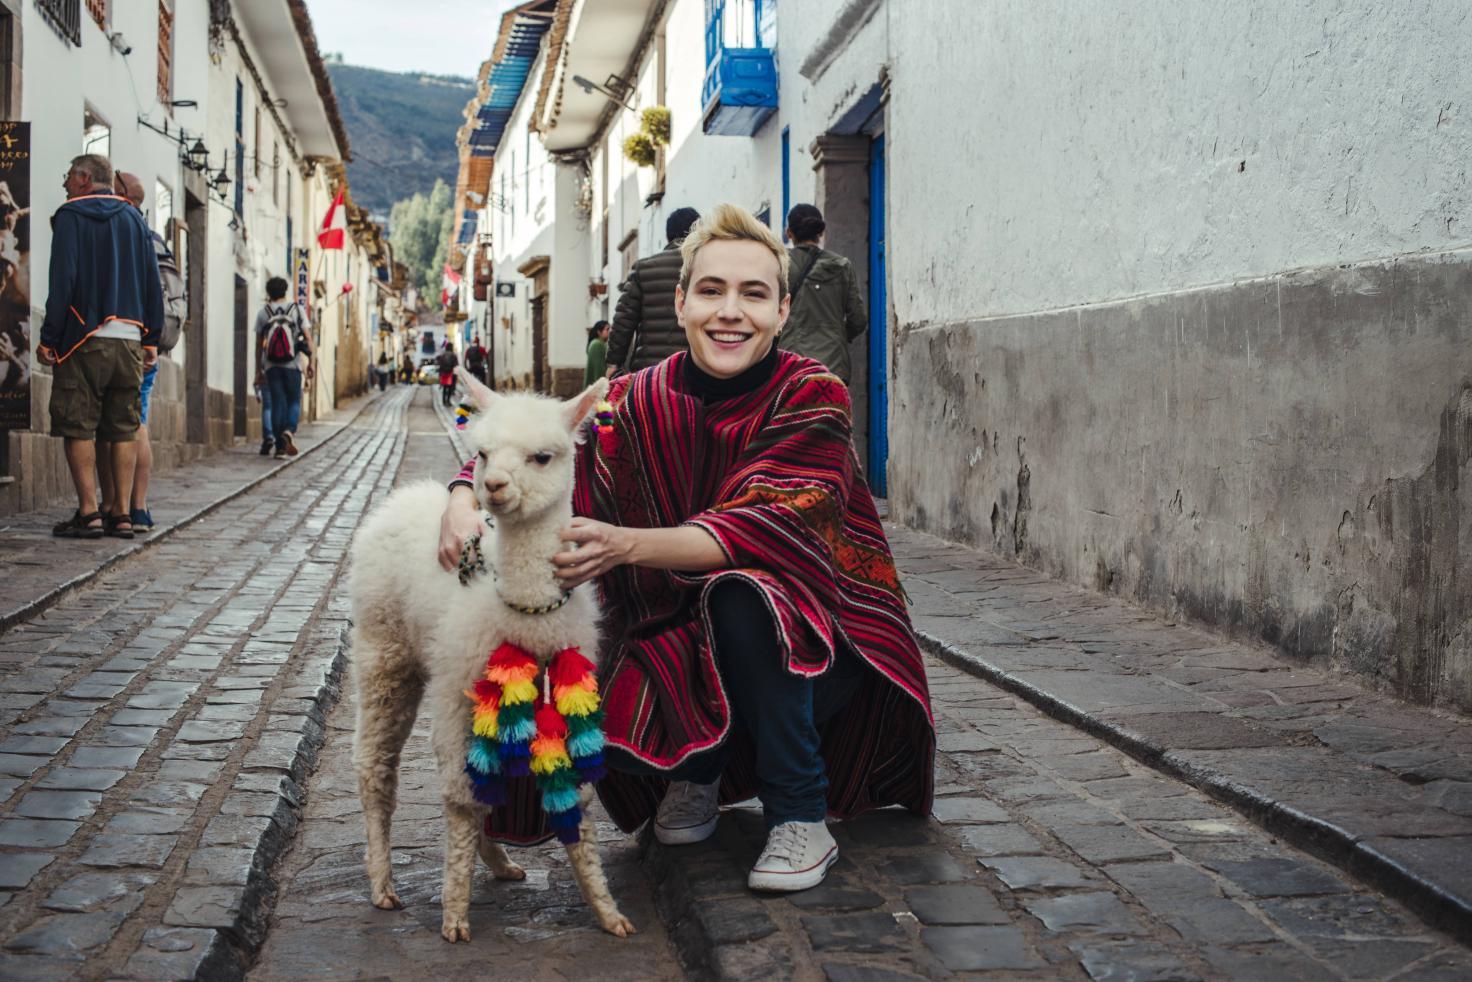 Turismólogo aponta o Peru como um dos melhores destinos turísticos das Américas